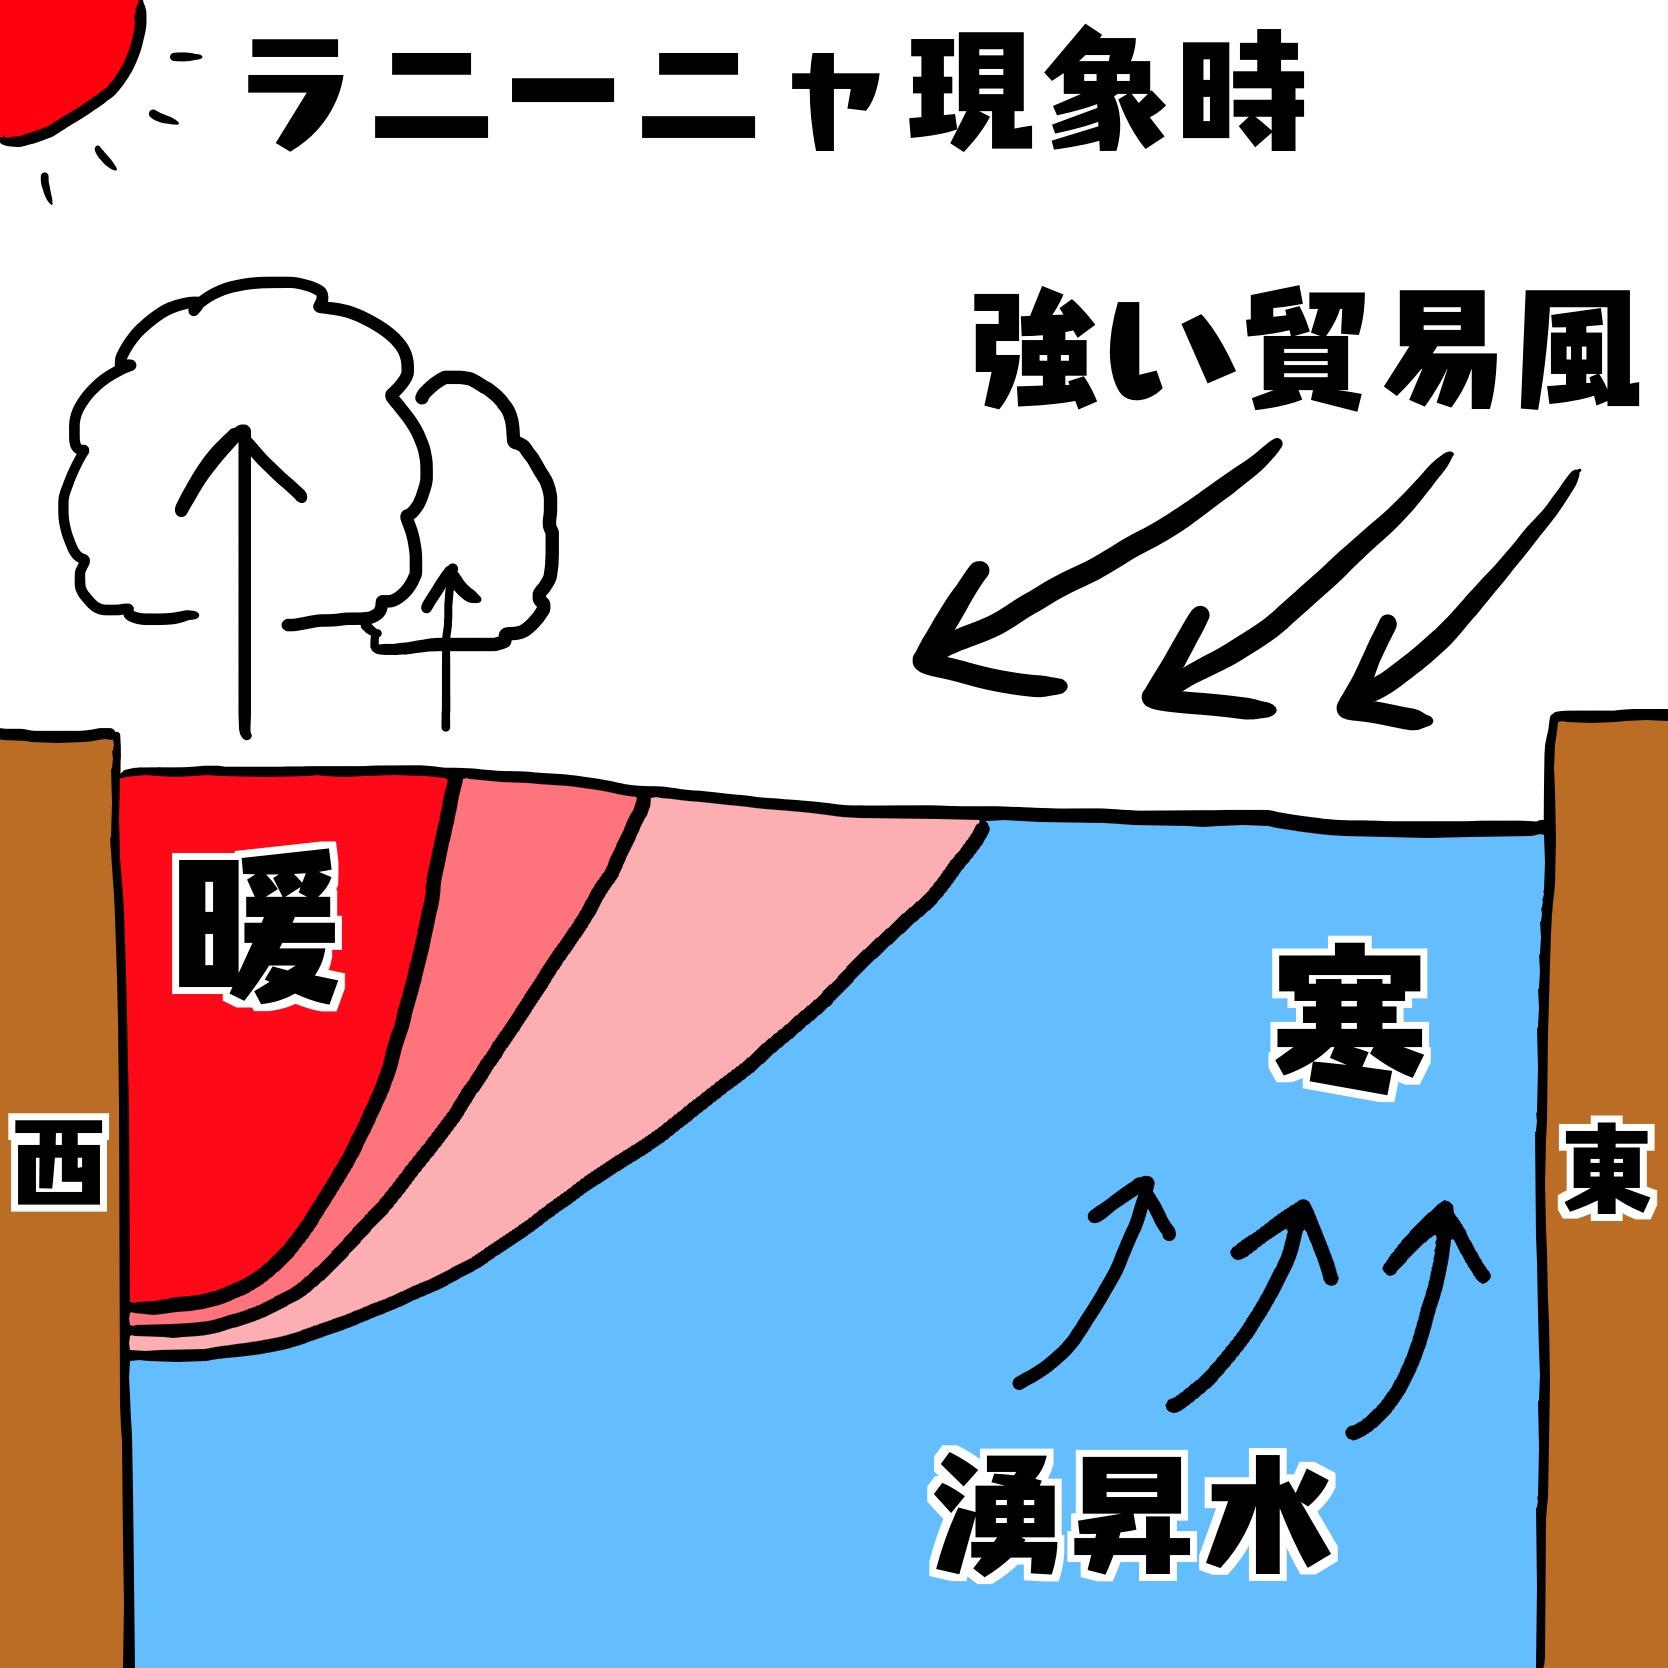 ラニーニャ 現象 日本